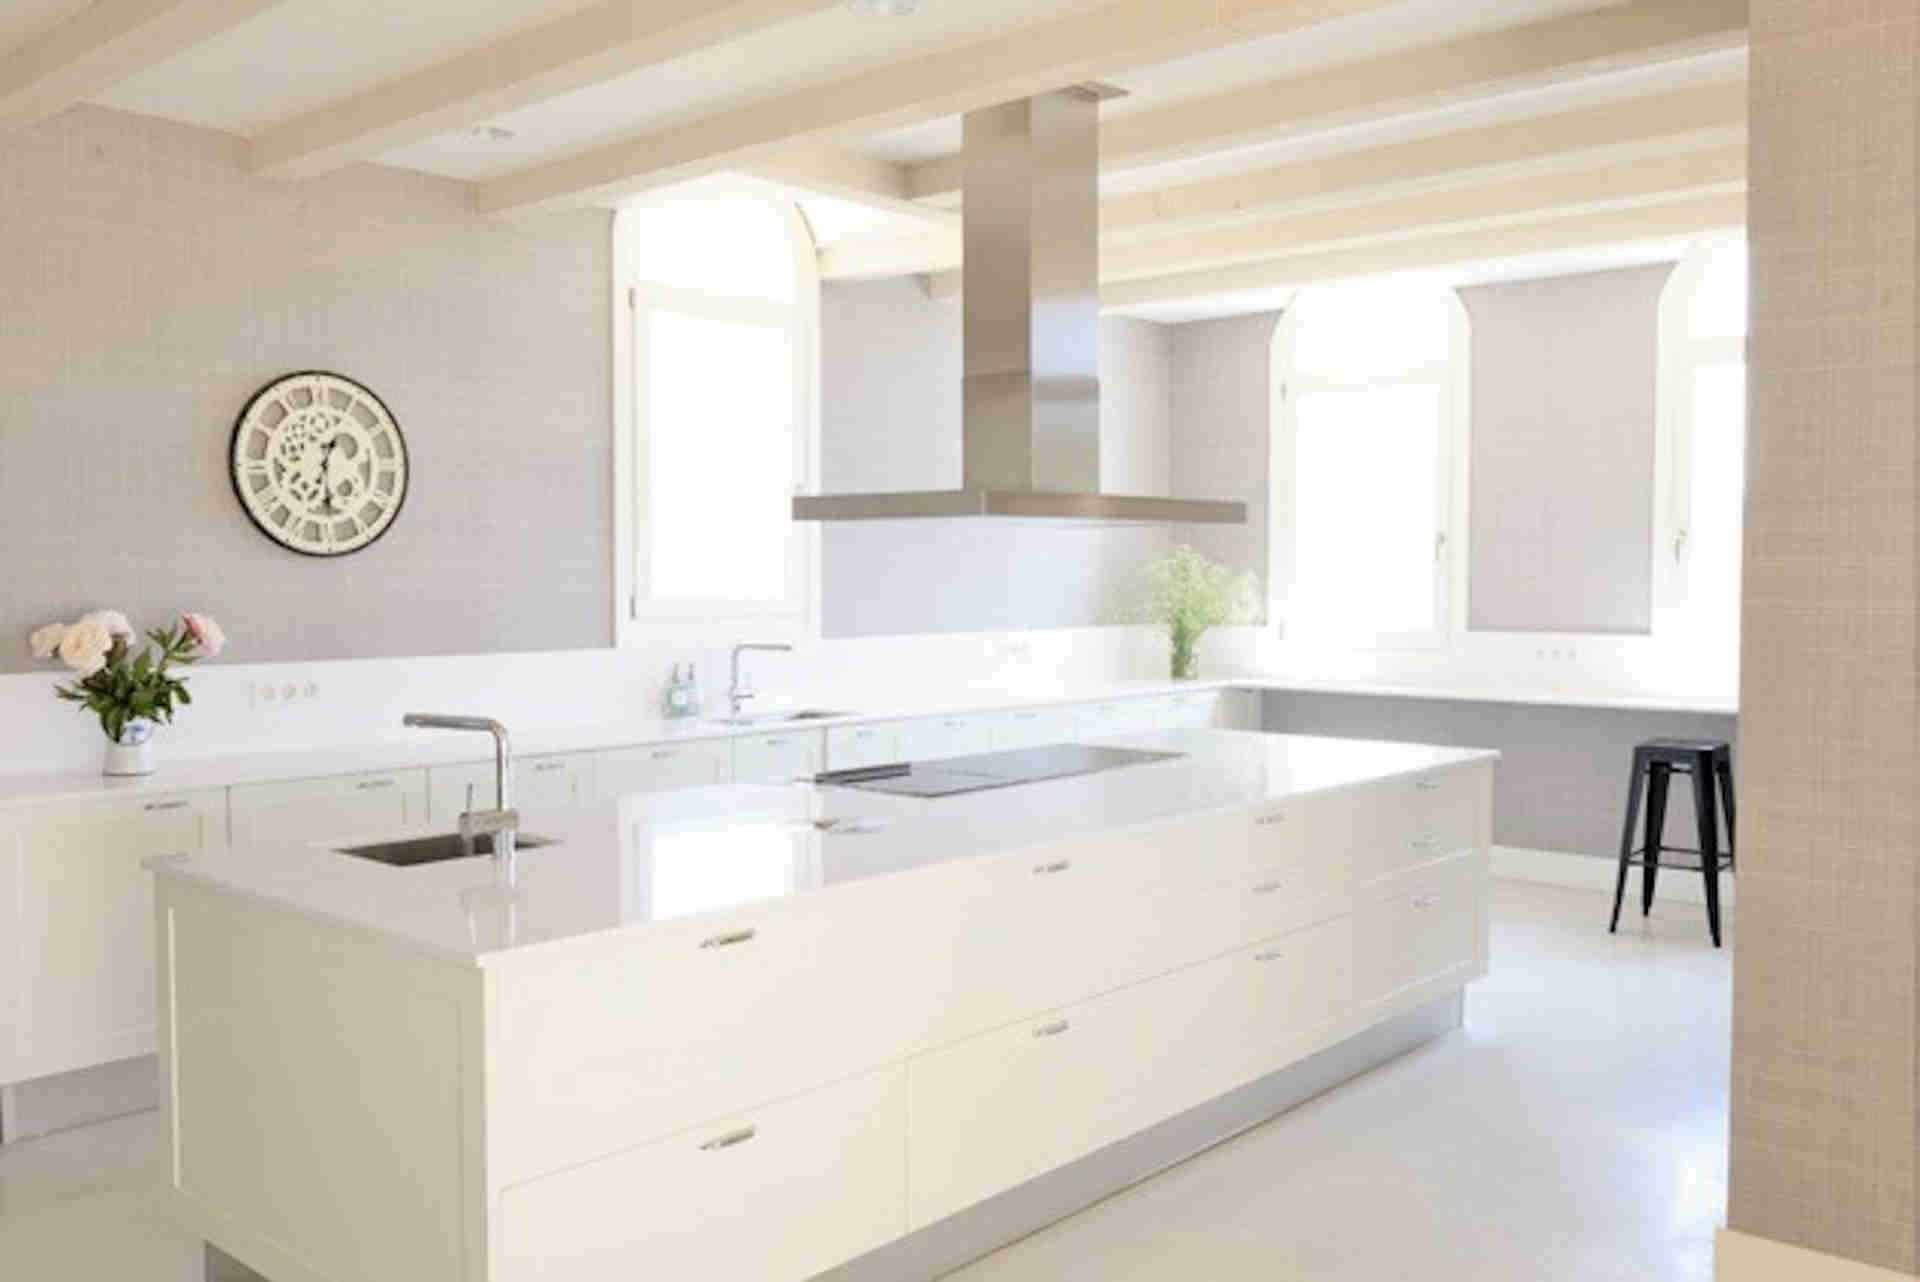 Villa Sitges Casa del Mar: modern kitchen